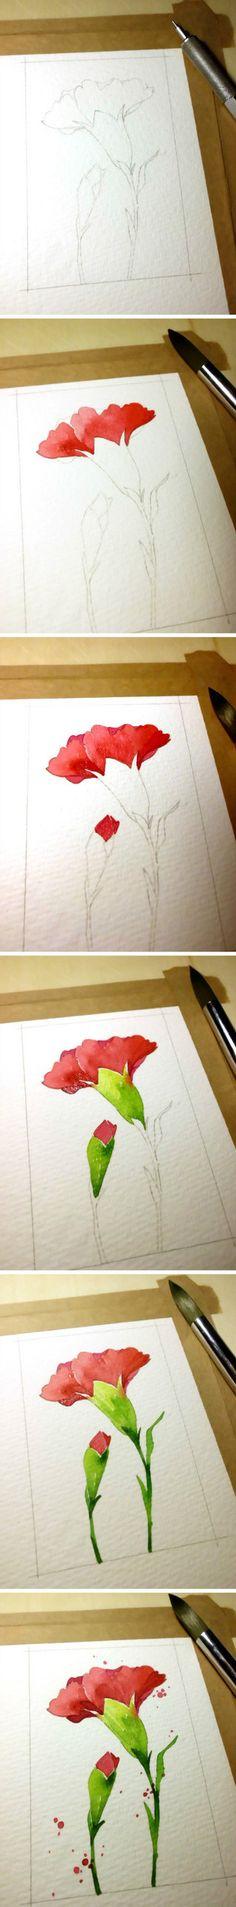 美到心里的水彩花绘。作者:木下美香@东篱下采集到手稿 水彩 油画(3292图)_花瓣插画/漫画